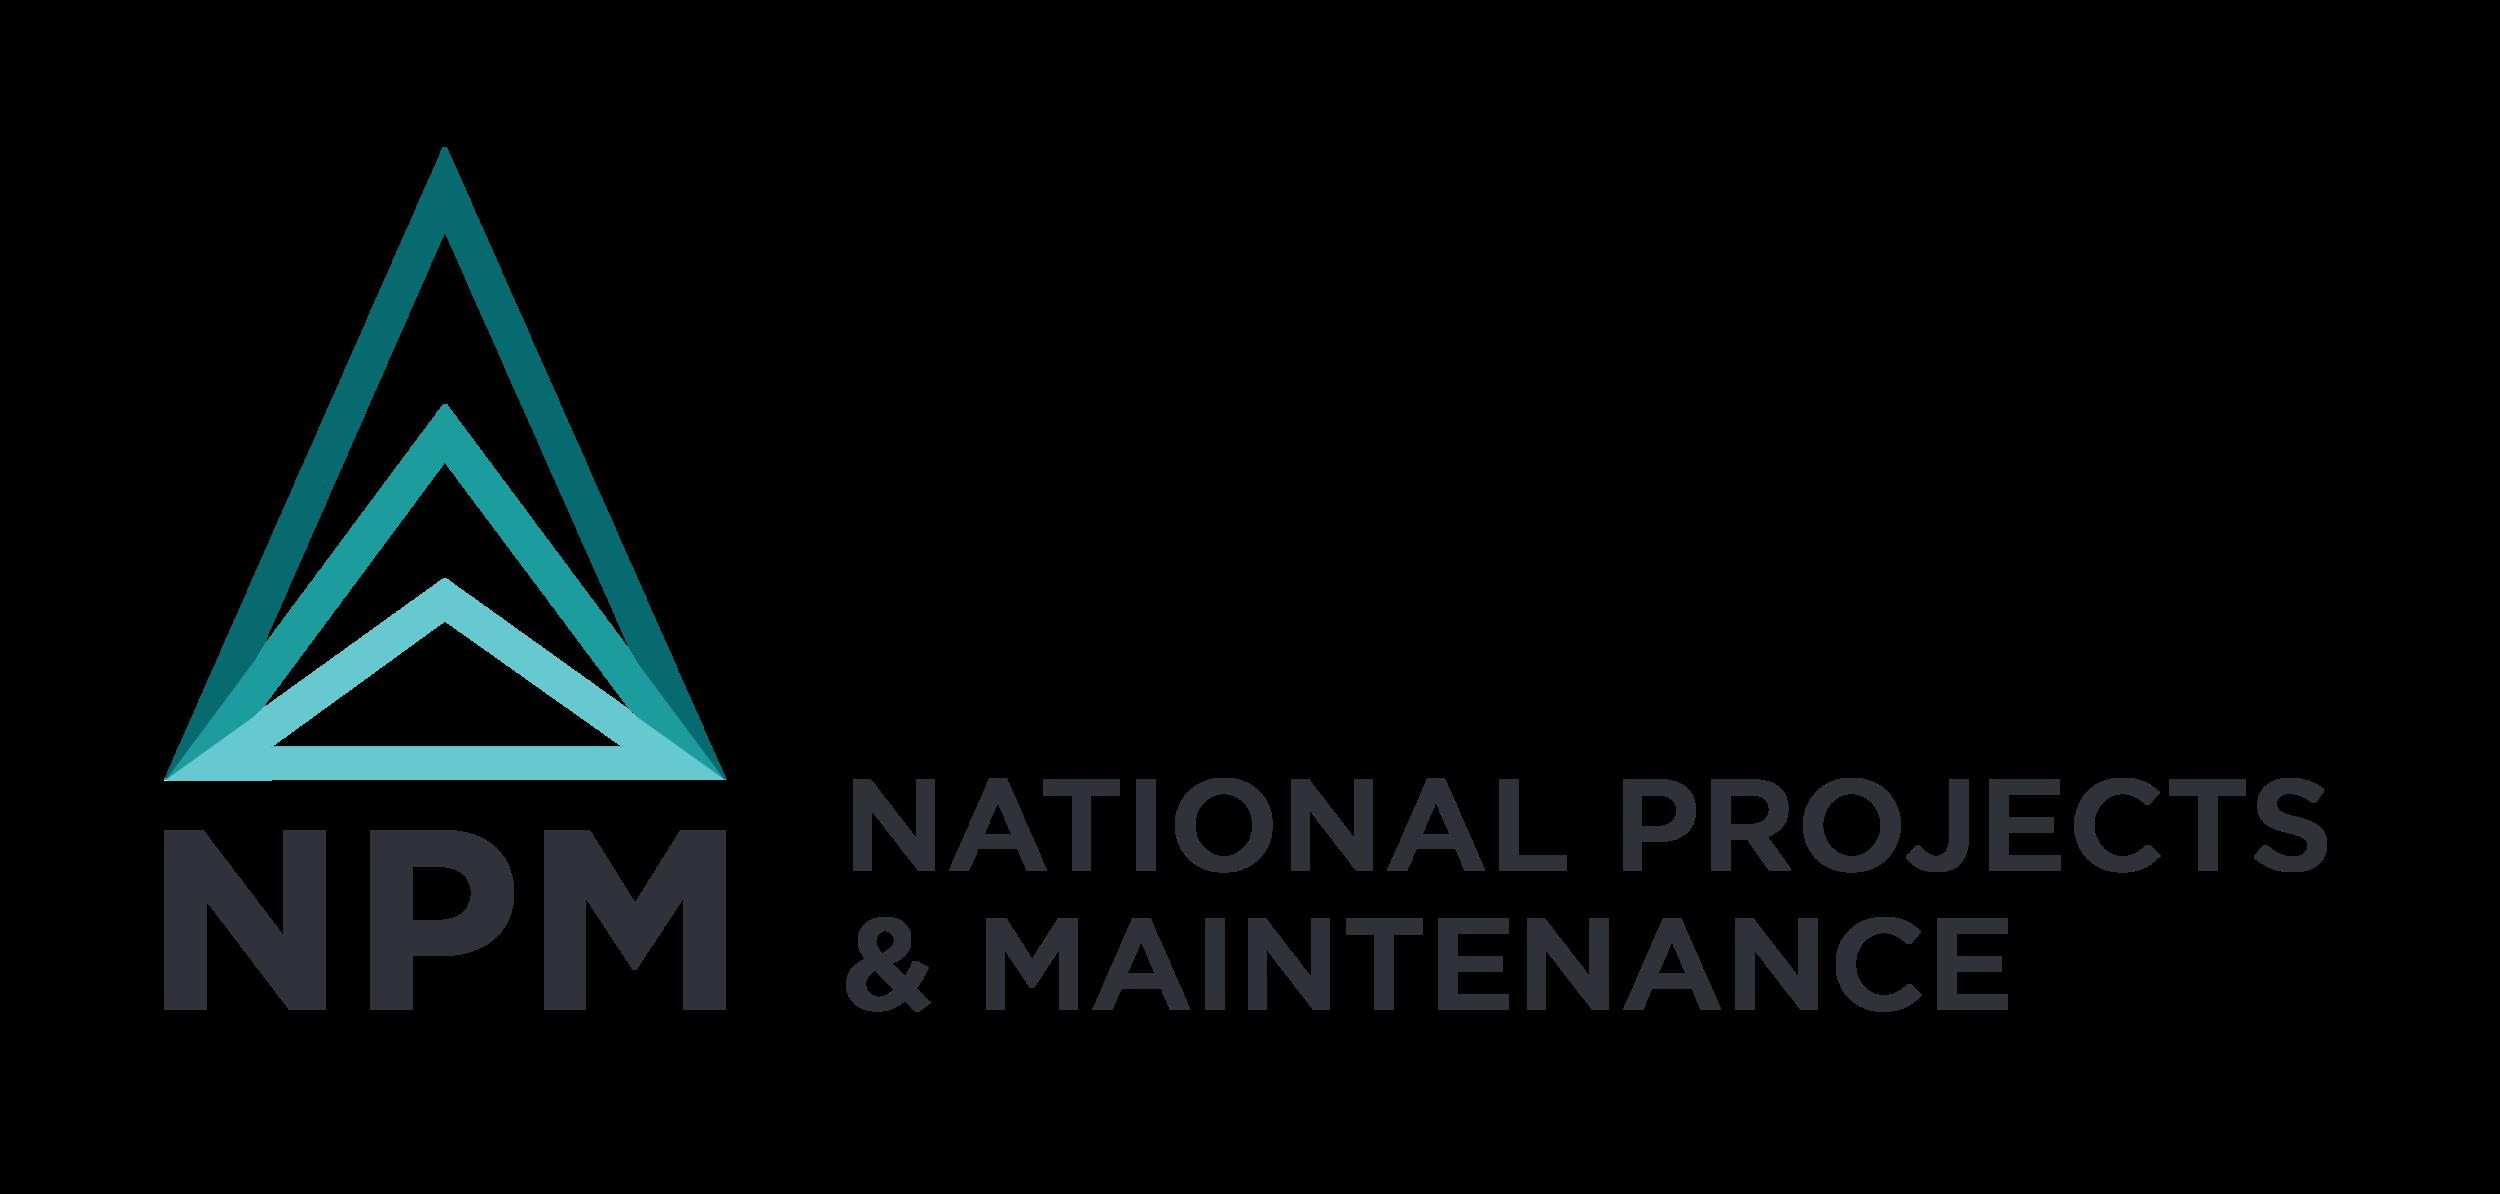 NPM_logo-01.png